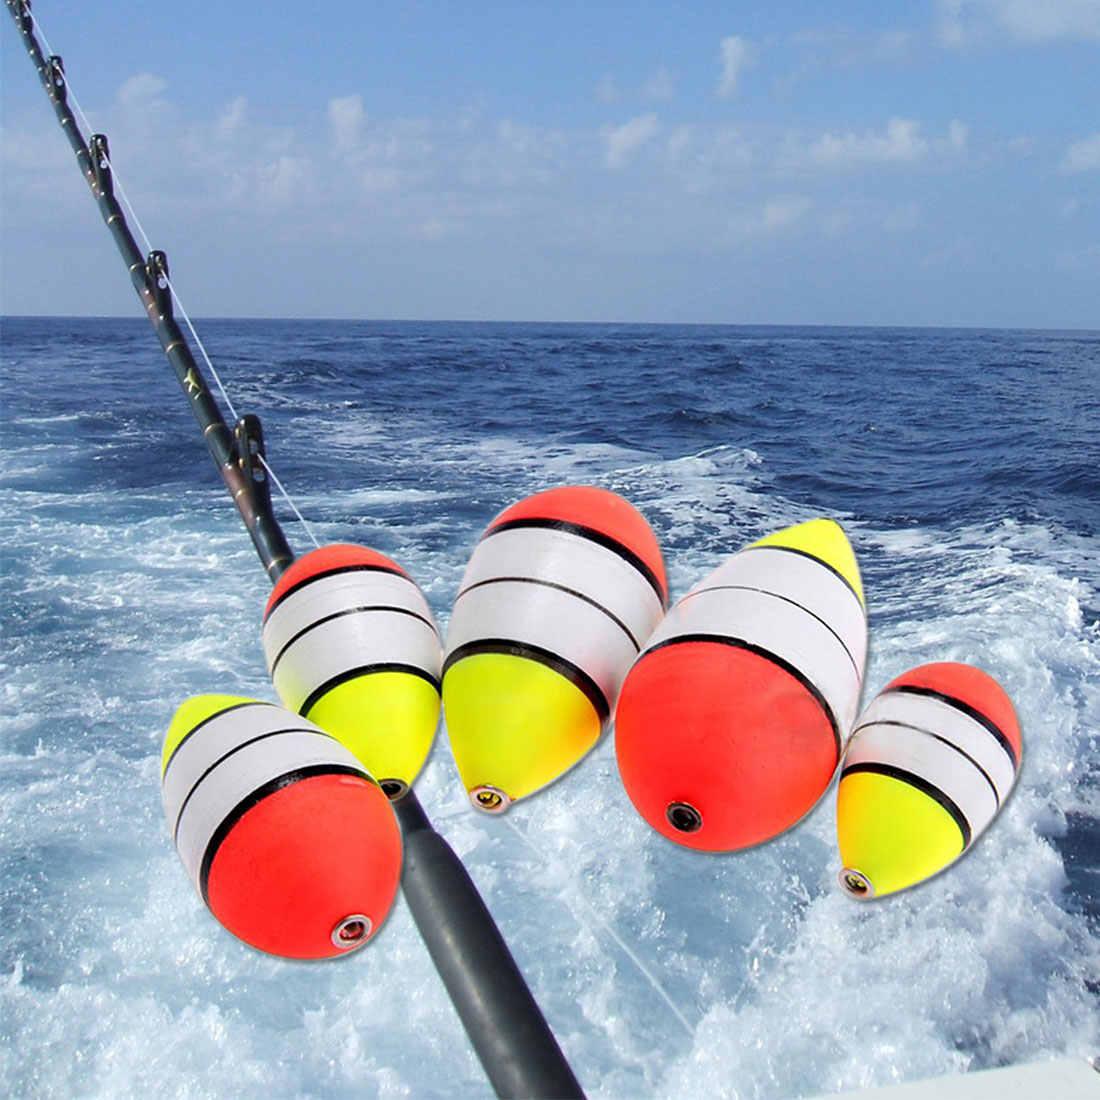 5 pçs/set Bóia De Pesca Bobber Flutuador Espuma de Espuma Ao Ar Livre-friendly potbellied Flats Profissional Peixe Bóia de pesca Acessório